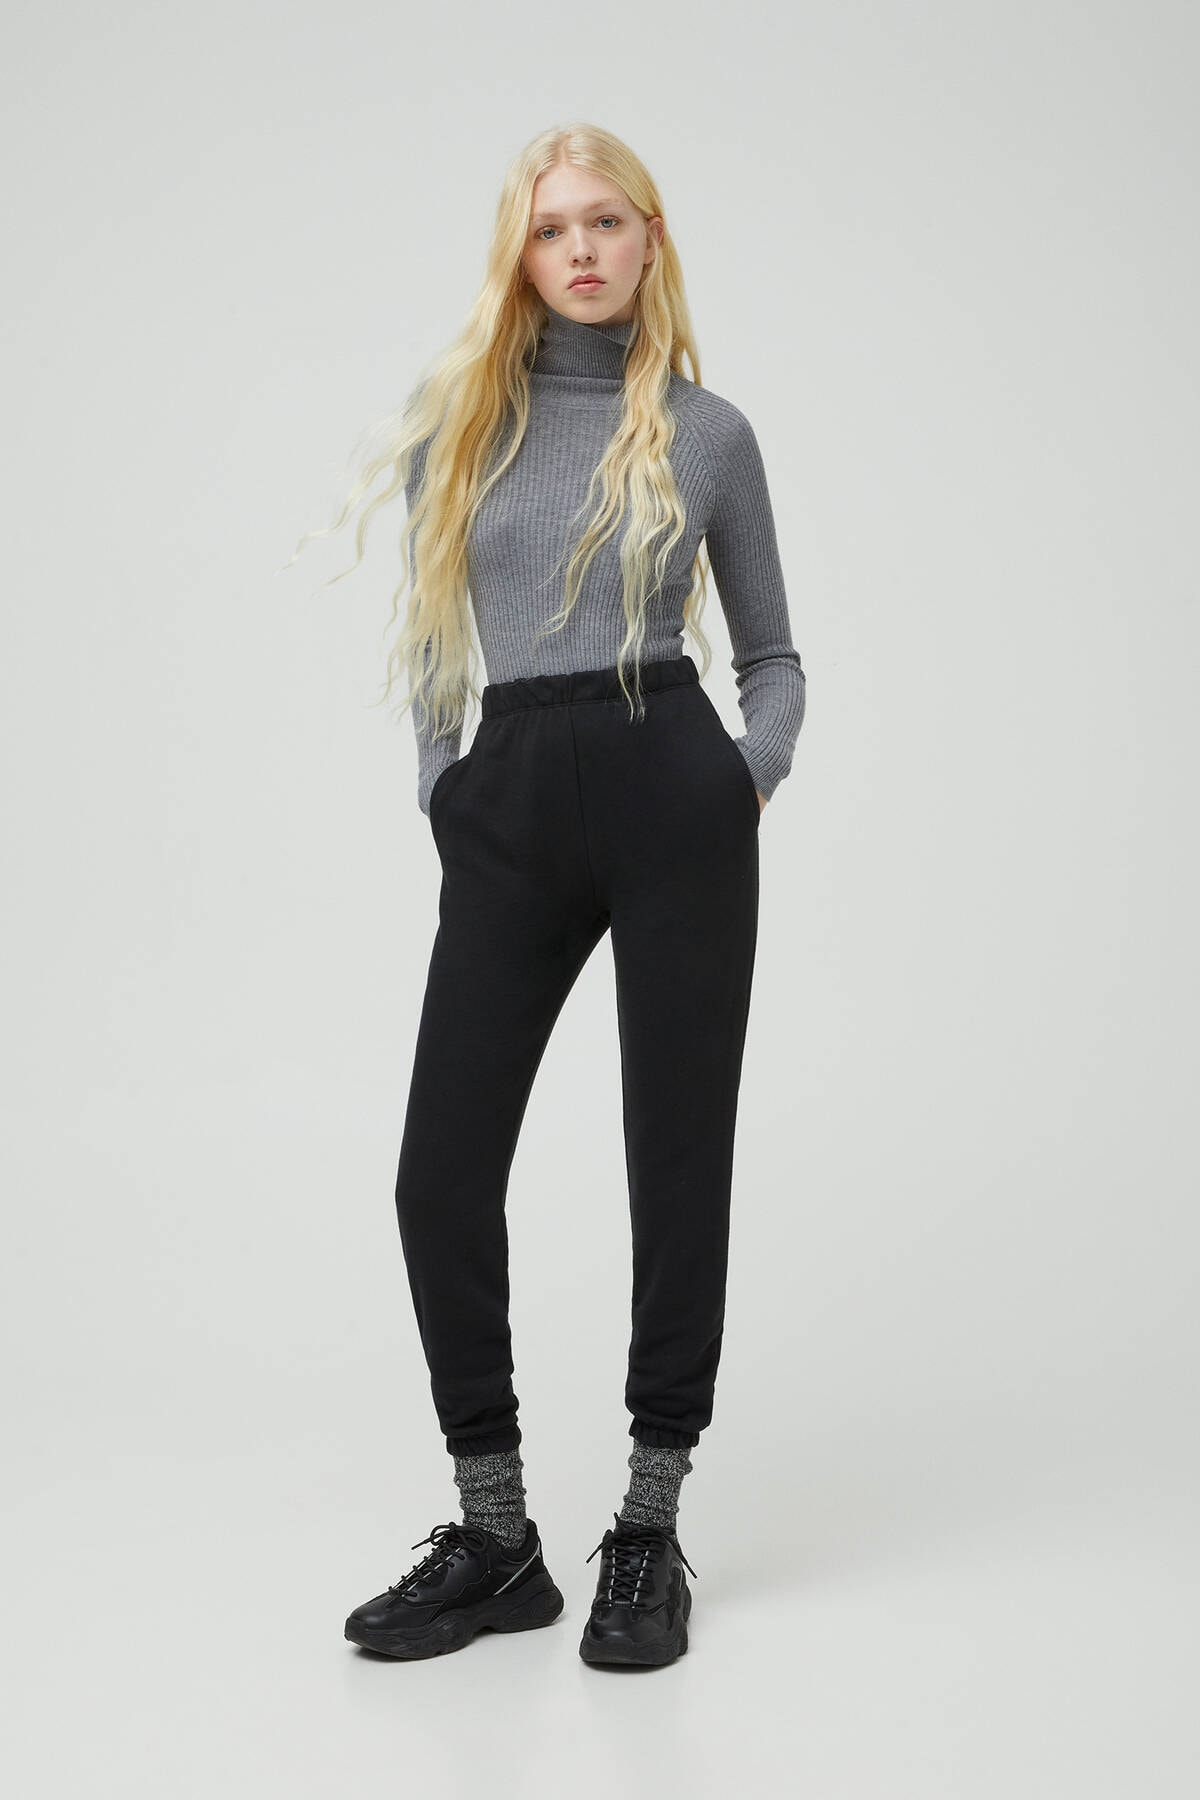 Pull & Bear Kadın Siyah Elastik Paçalı Jogging Fit Pantolon 09672315